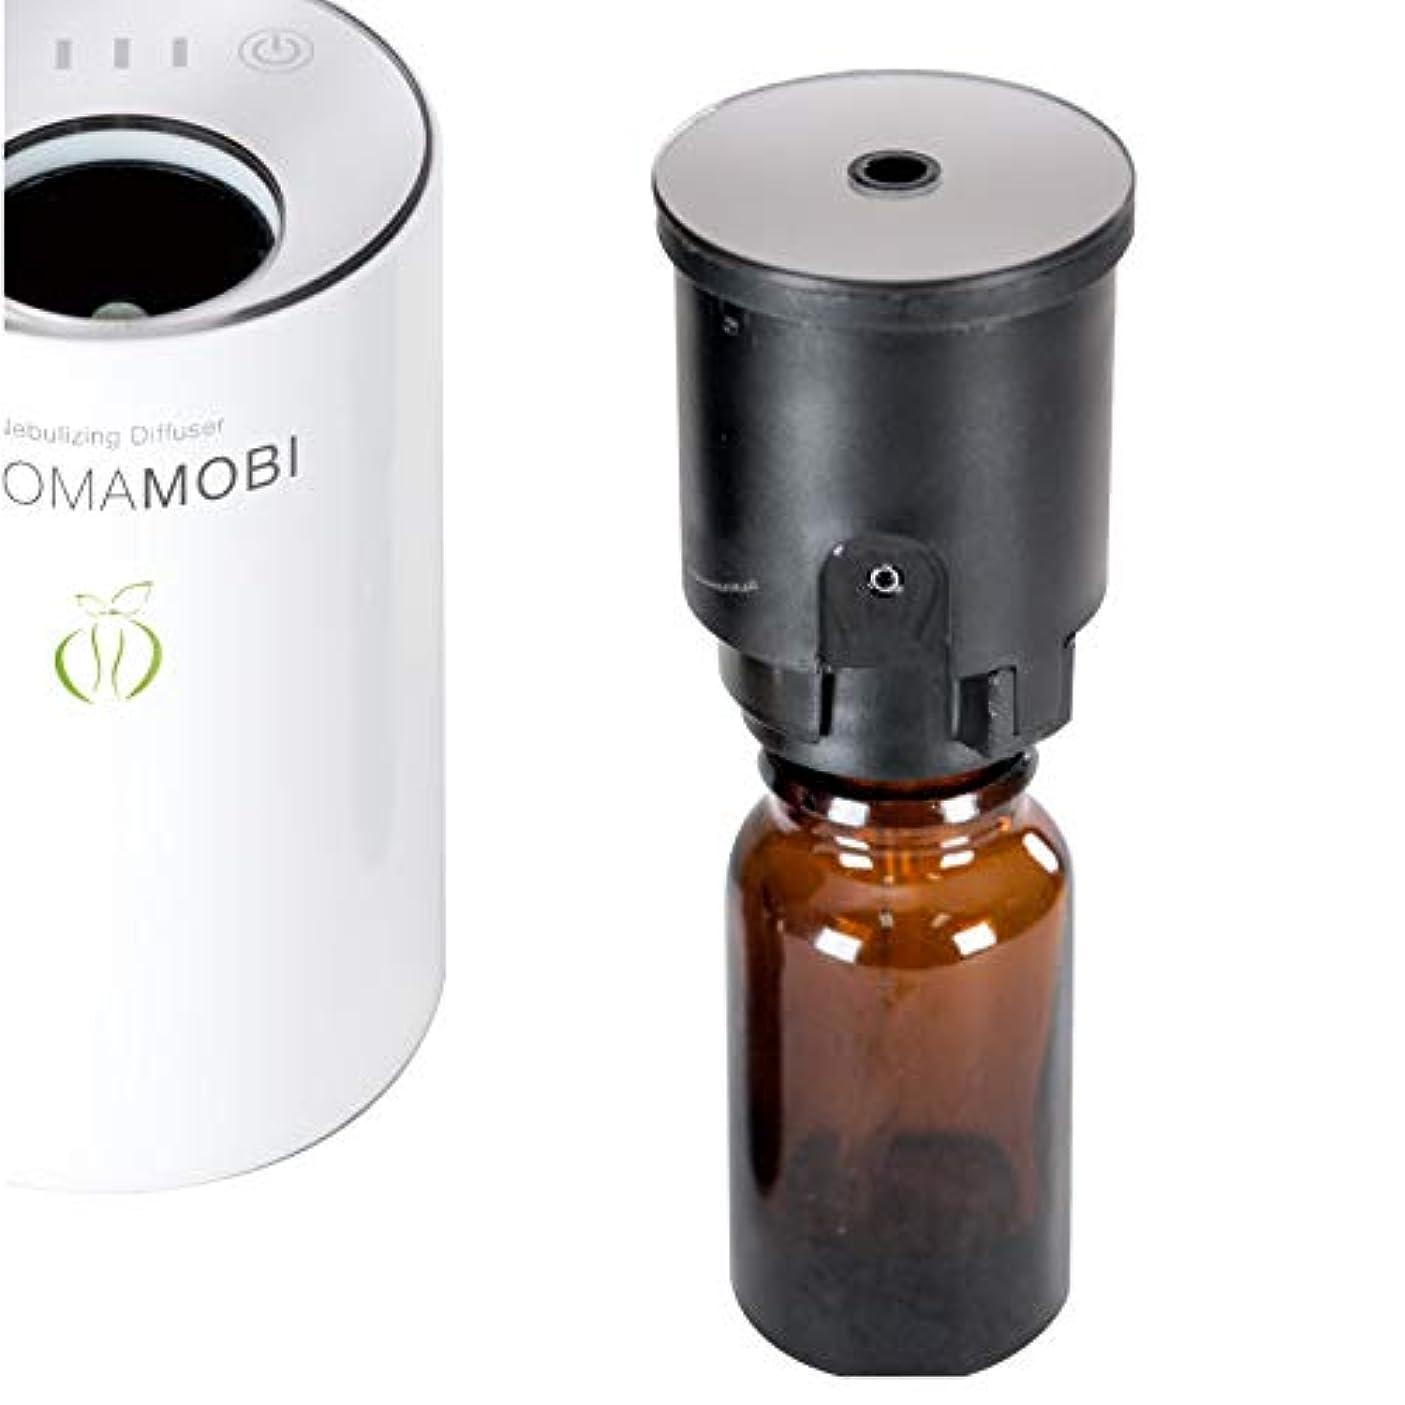 耐えるやさしく店主funks アロマモビ 専用 交換用 ノズル ボトルセット aromamobi アロマディフューザー